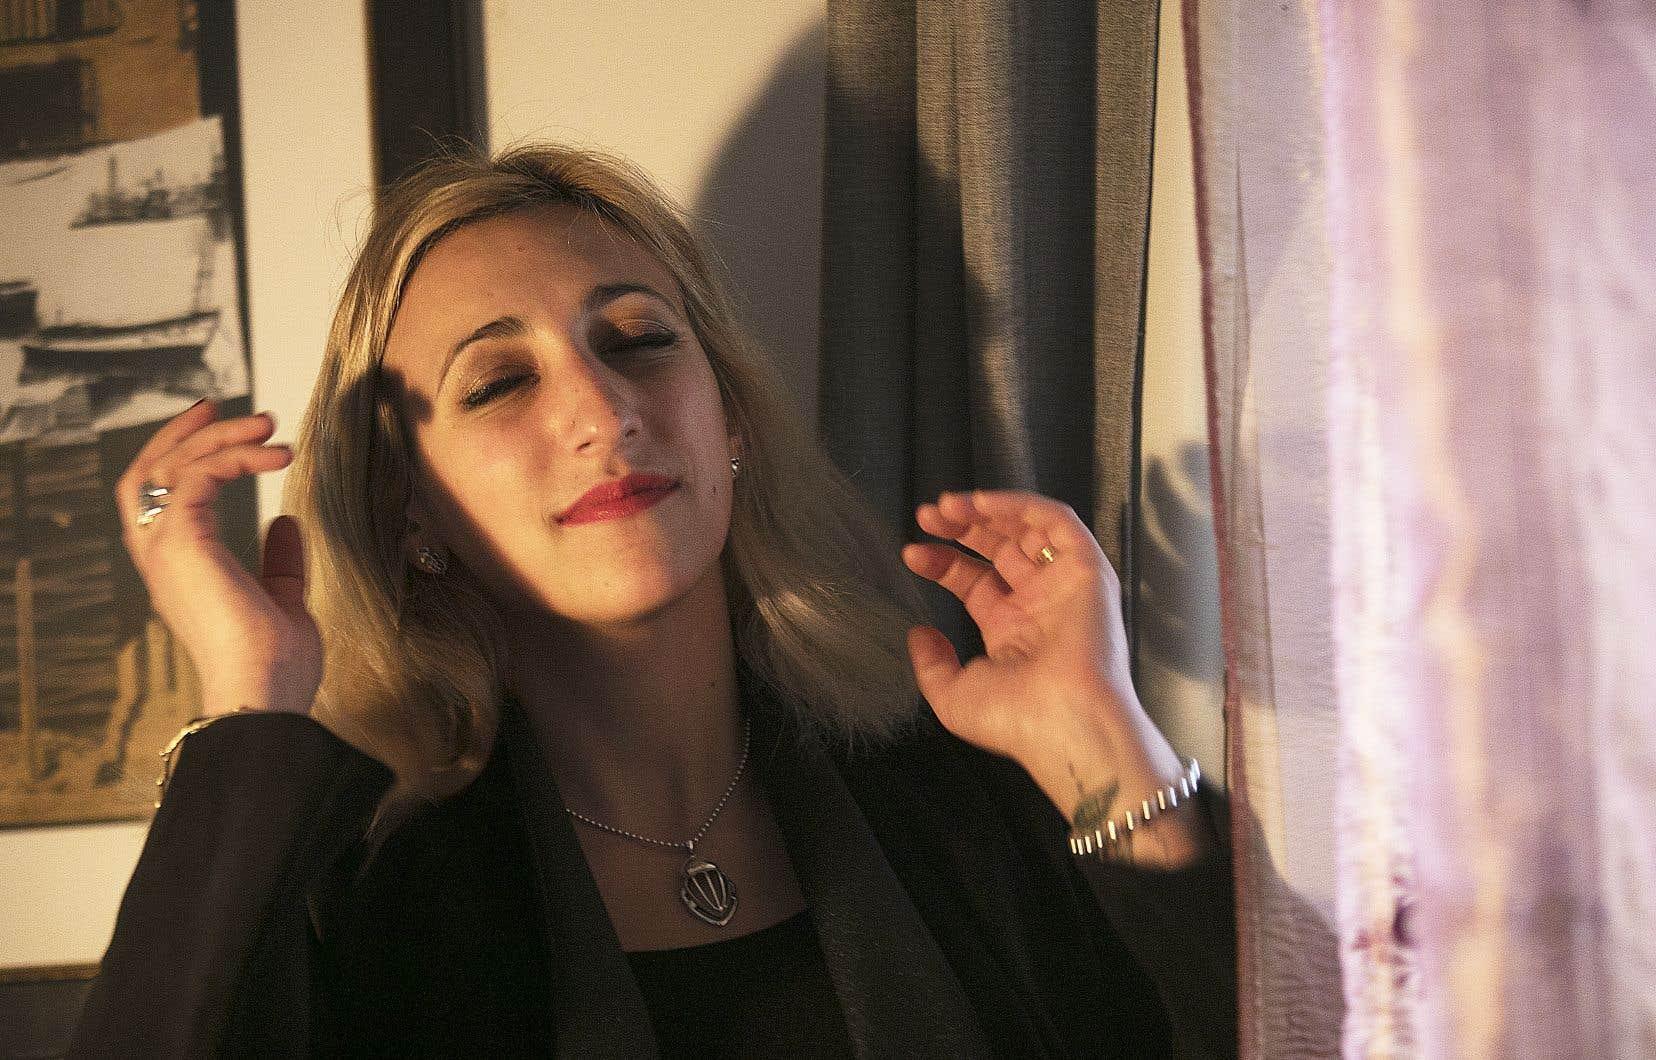 <p>Si Florencechante etchantera,le descriptif«chanteuse»ne la définitplus. Lamusiqueest devenuepour ellefacultative,complémentaire,périphérique.</p>